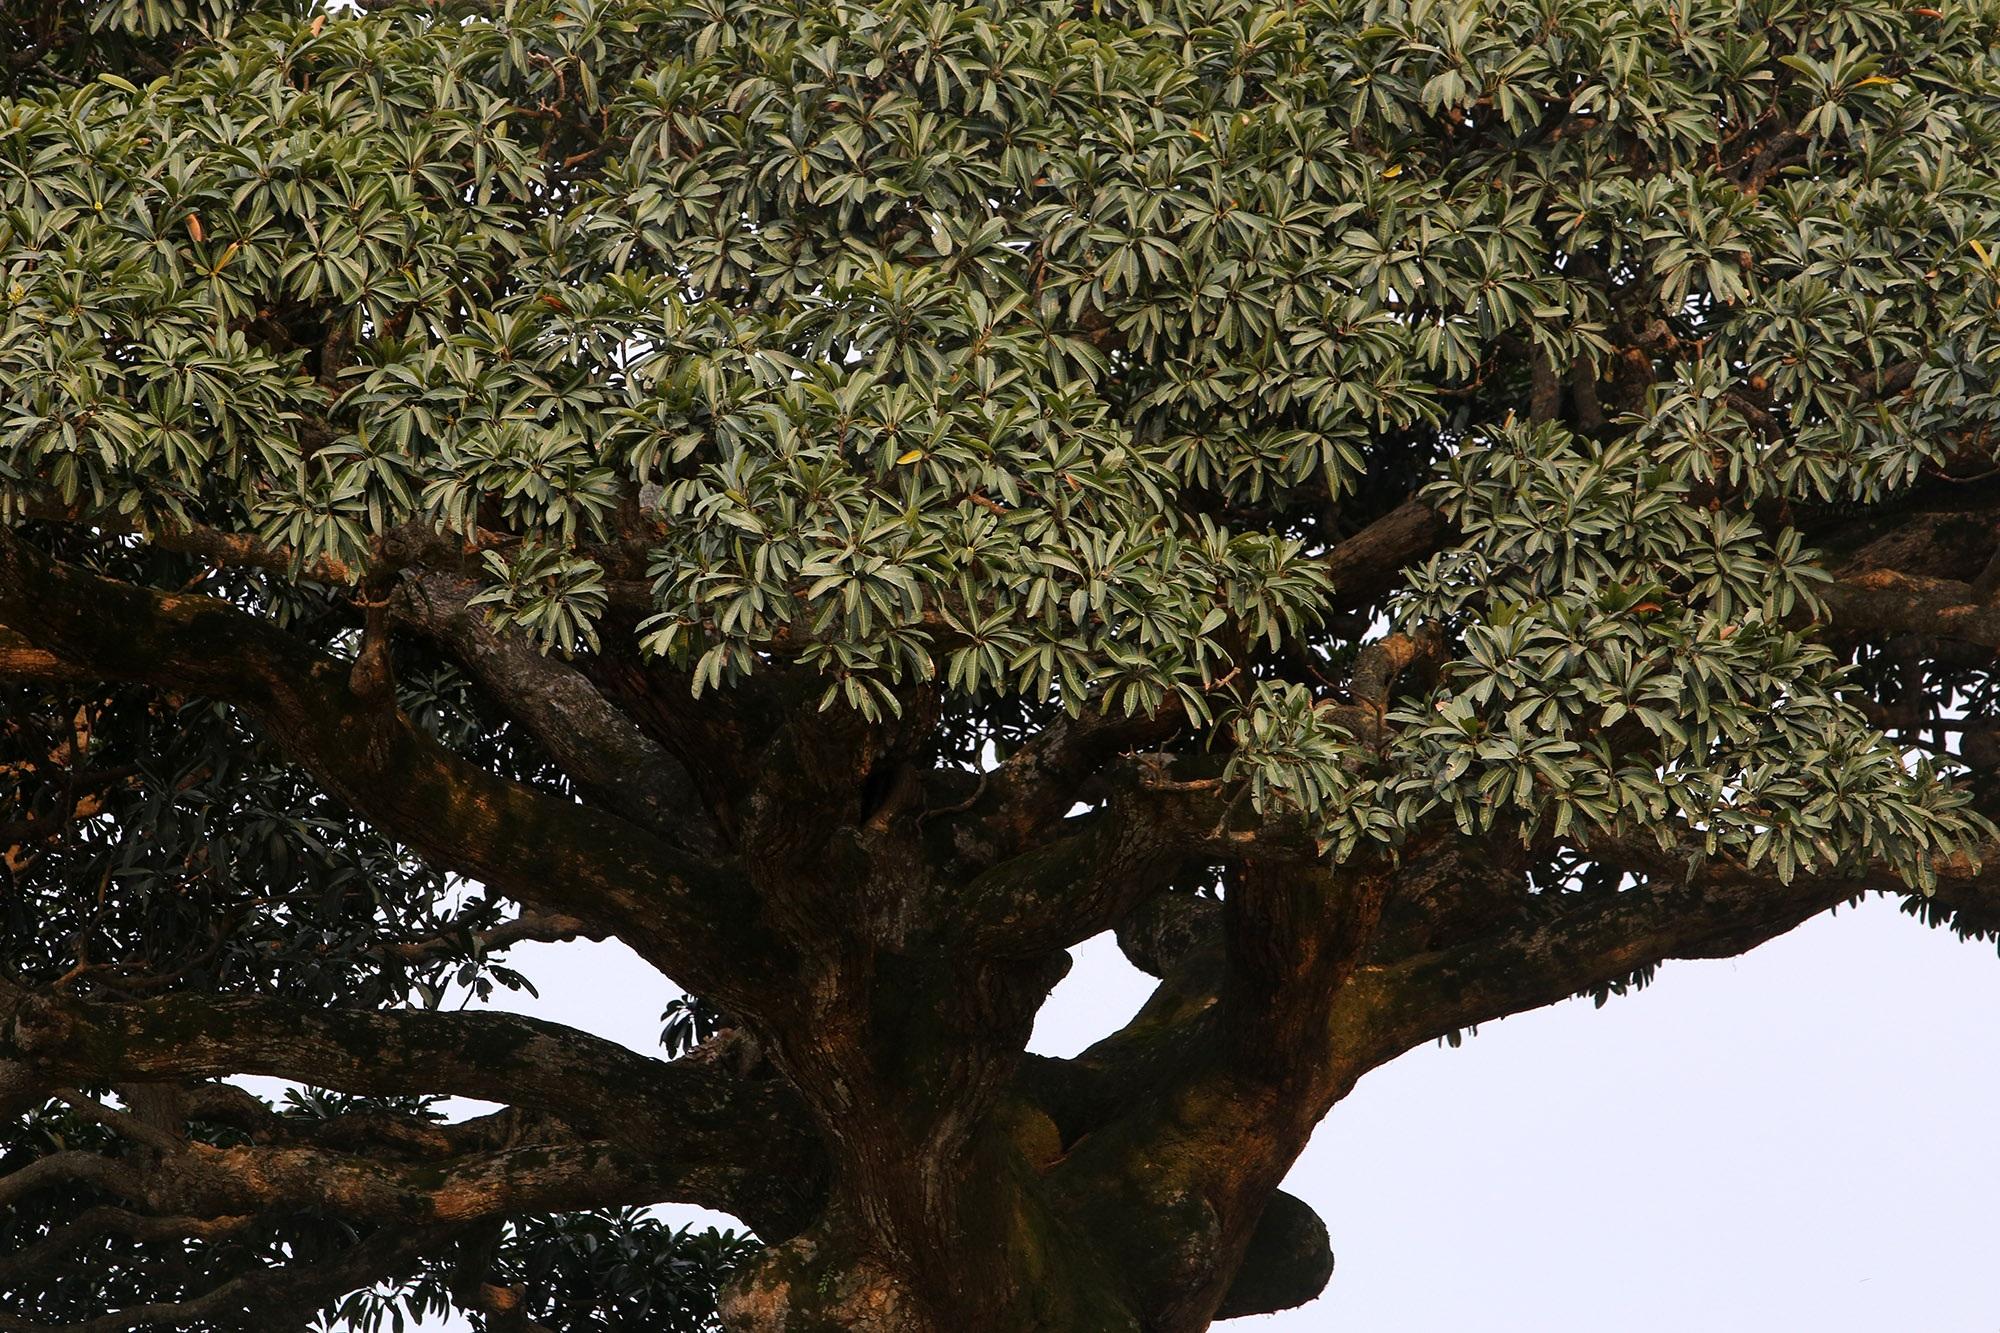 Hà Nội: Cây trôi cô đơn nghìn năm tuổi, báu vật của làng Bình Đà - 9